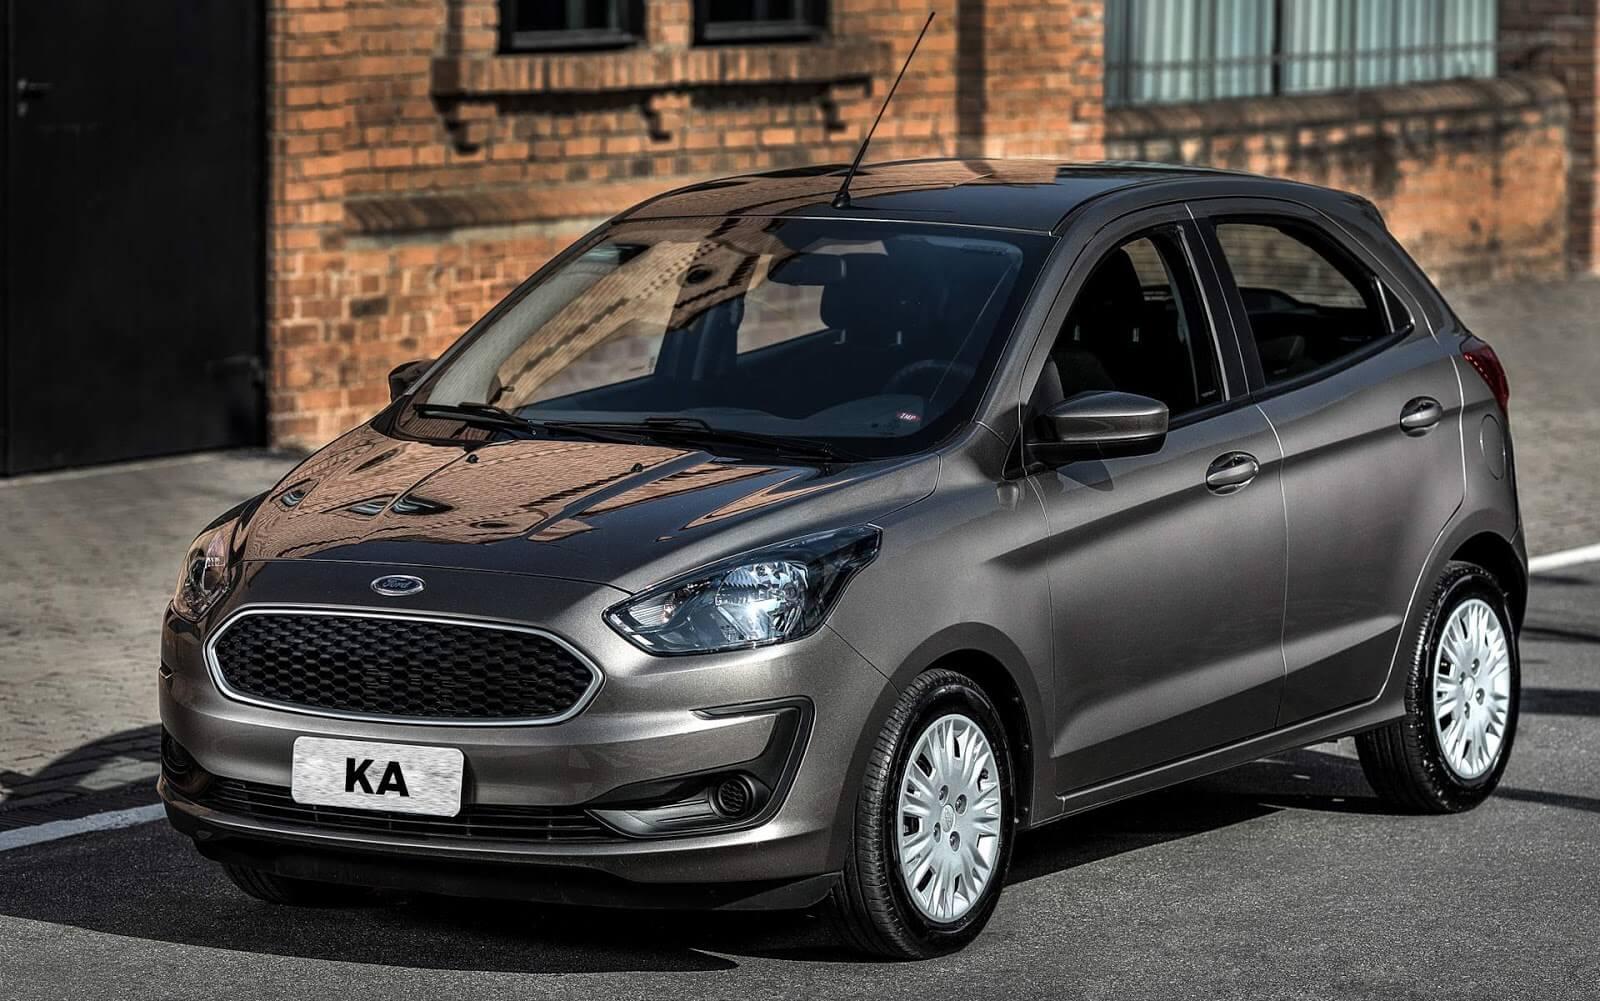 2º sorteios de 3 carros Ford Ka 0 km + 1 ano de seguro MAPFRE